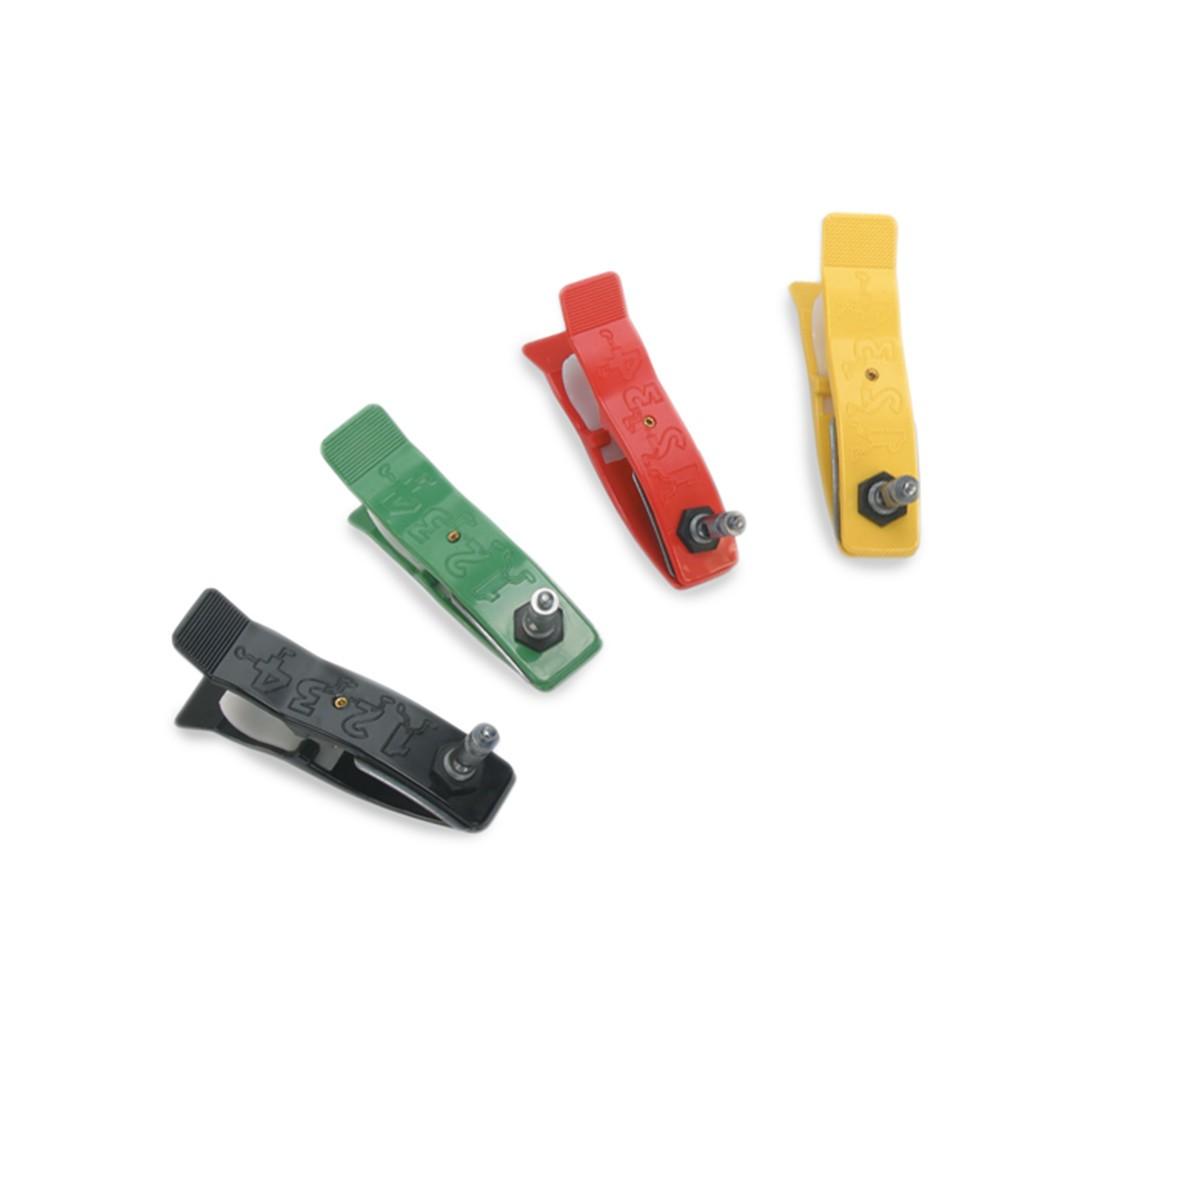 Elettrodo Periferico a Pinza Pediatrico - 4 pezzi